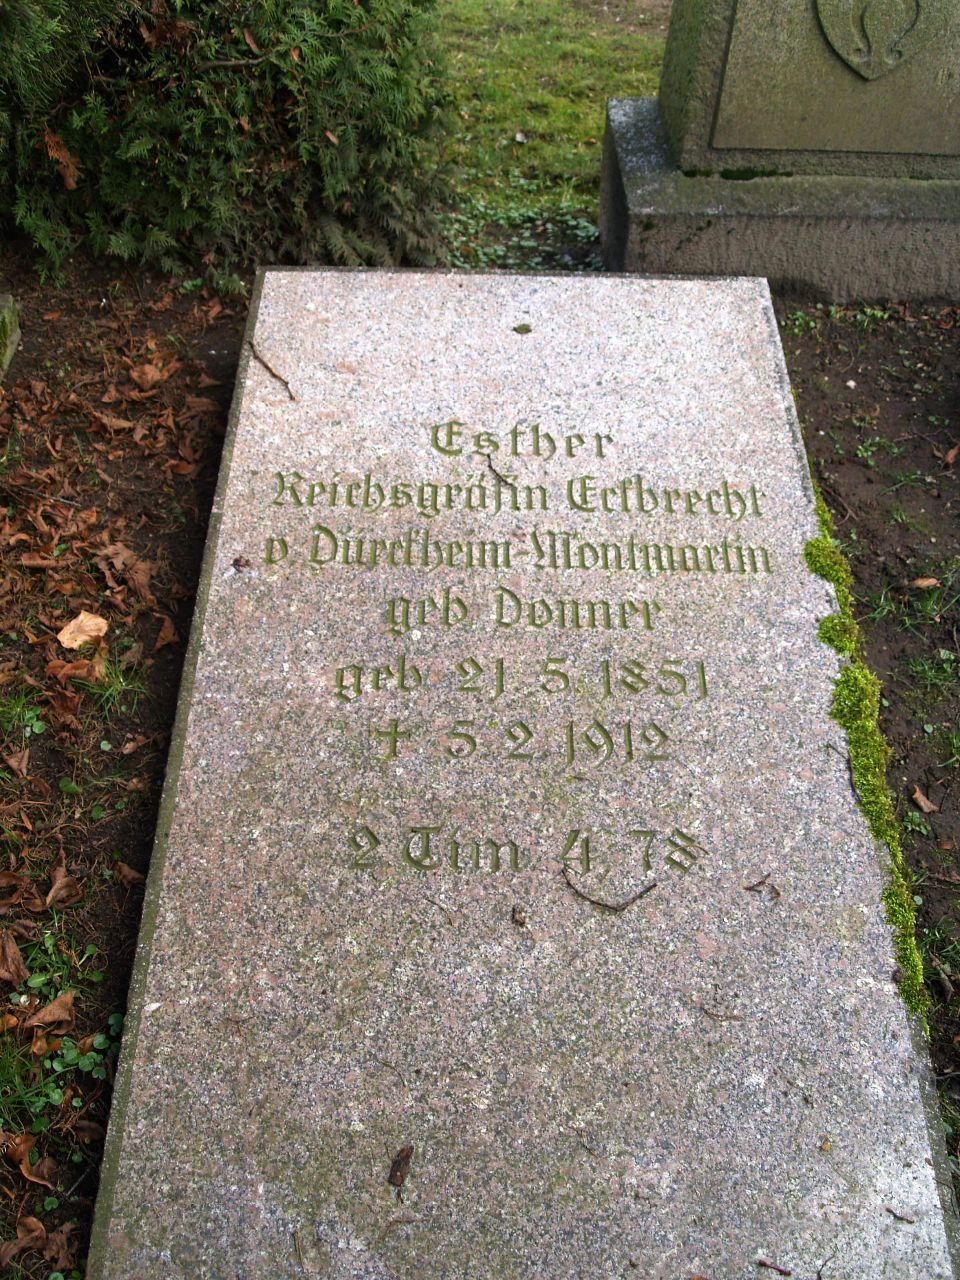 Esther Reichsgräfin von Dürckheim-Montmartin geb. Donner